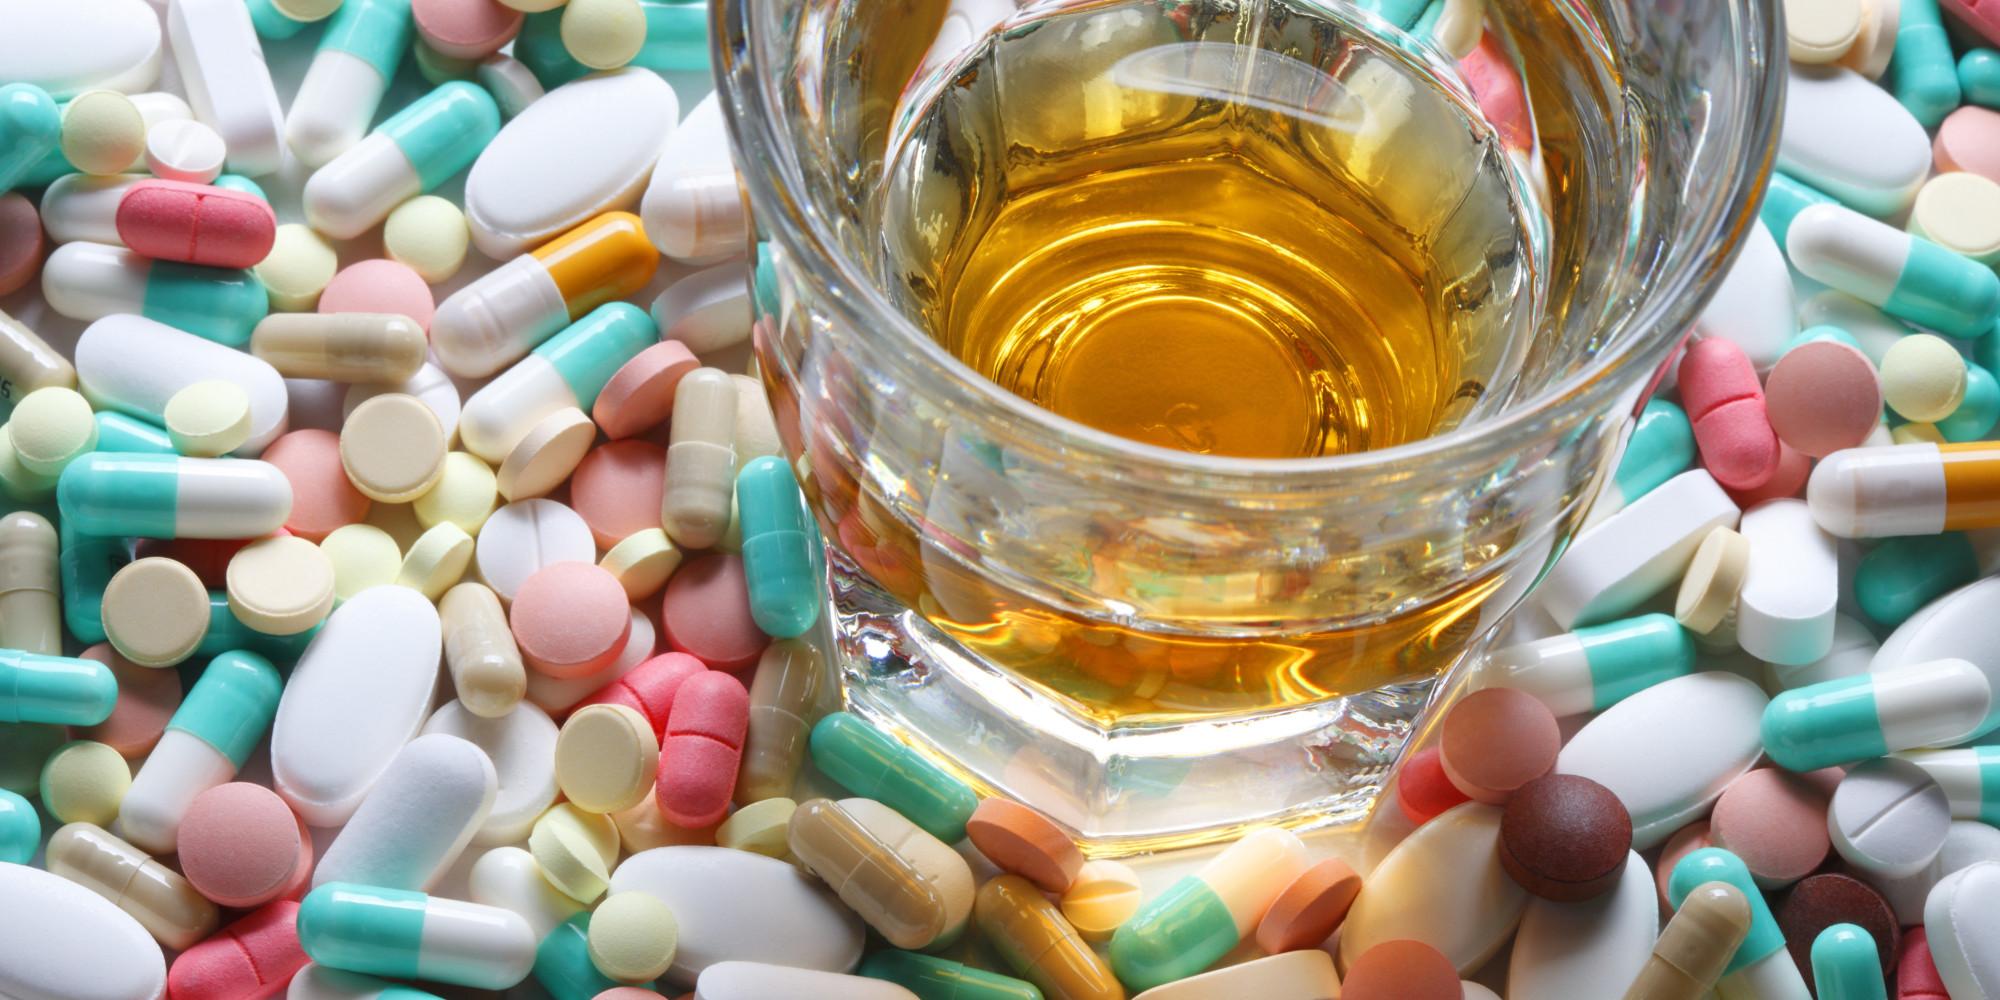 Generiniai ir etiniai vaistai ne visada yra vienodi